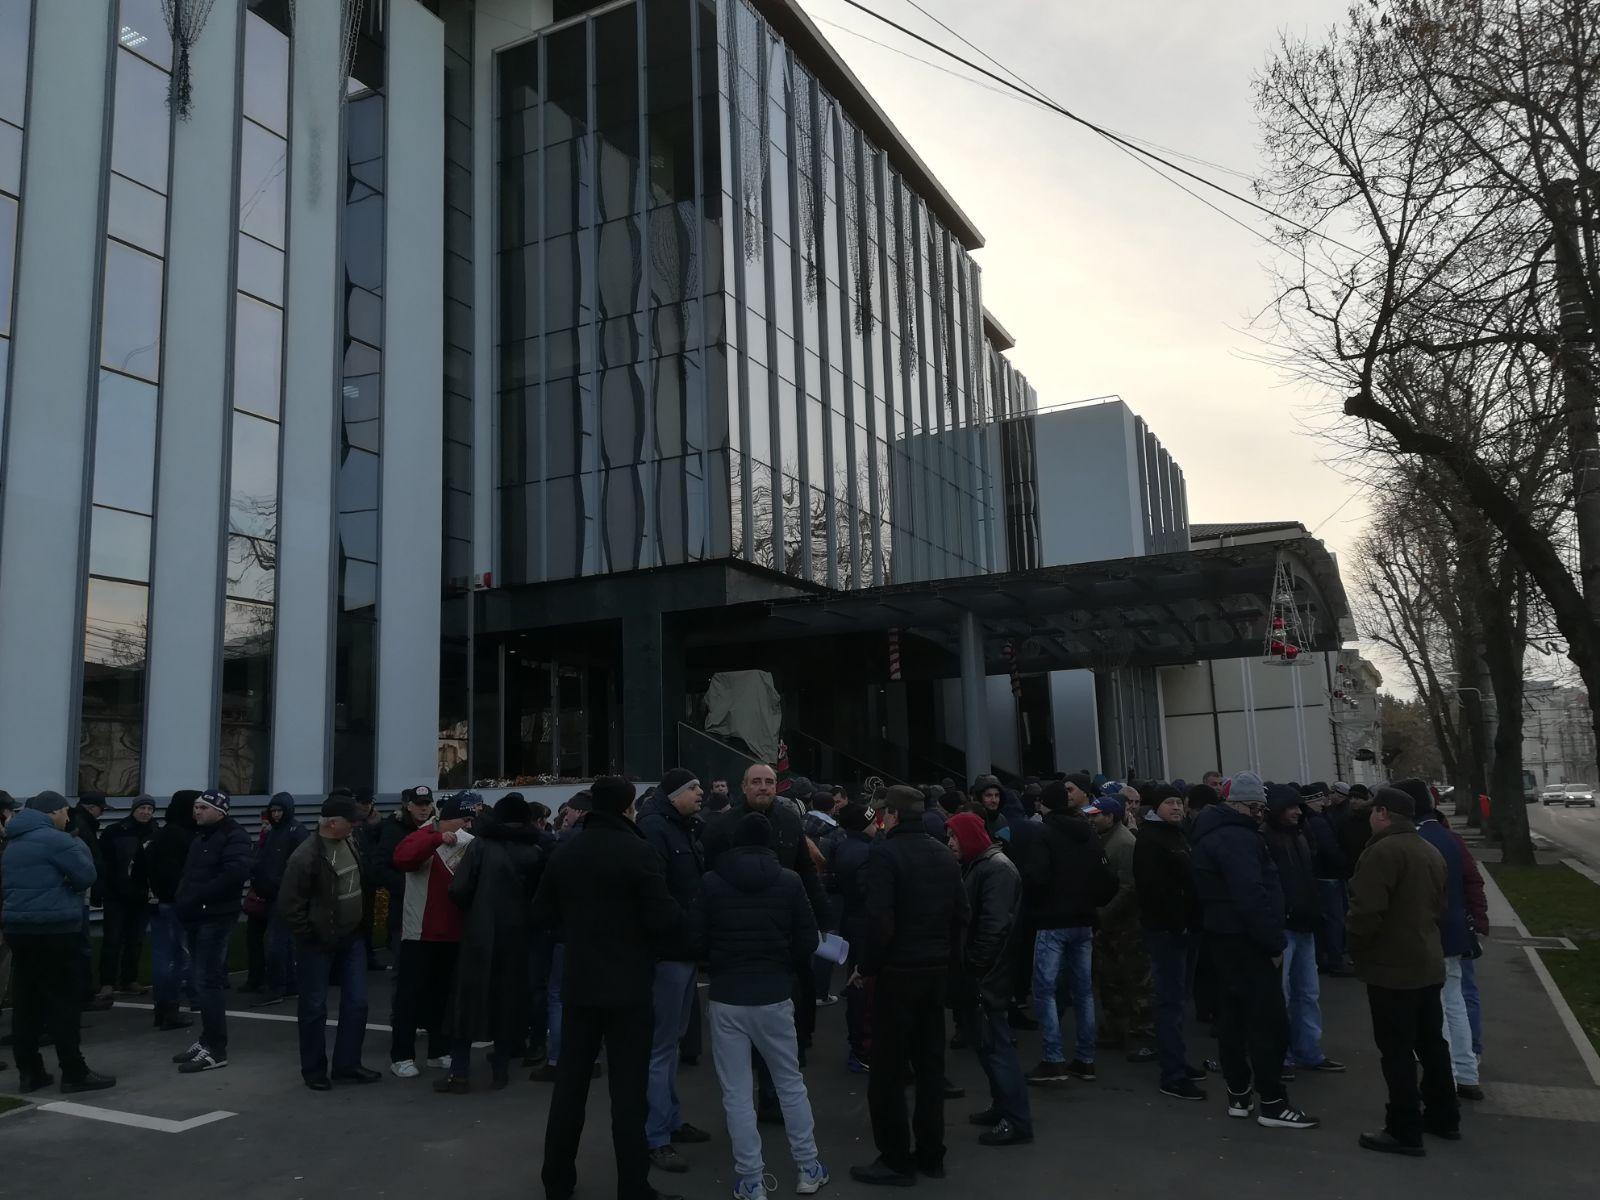 Zeci de angajaţi ai societăţii de transport public Galaţi protestează fiindcă nu au primit salariile